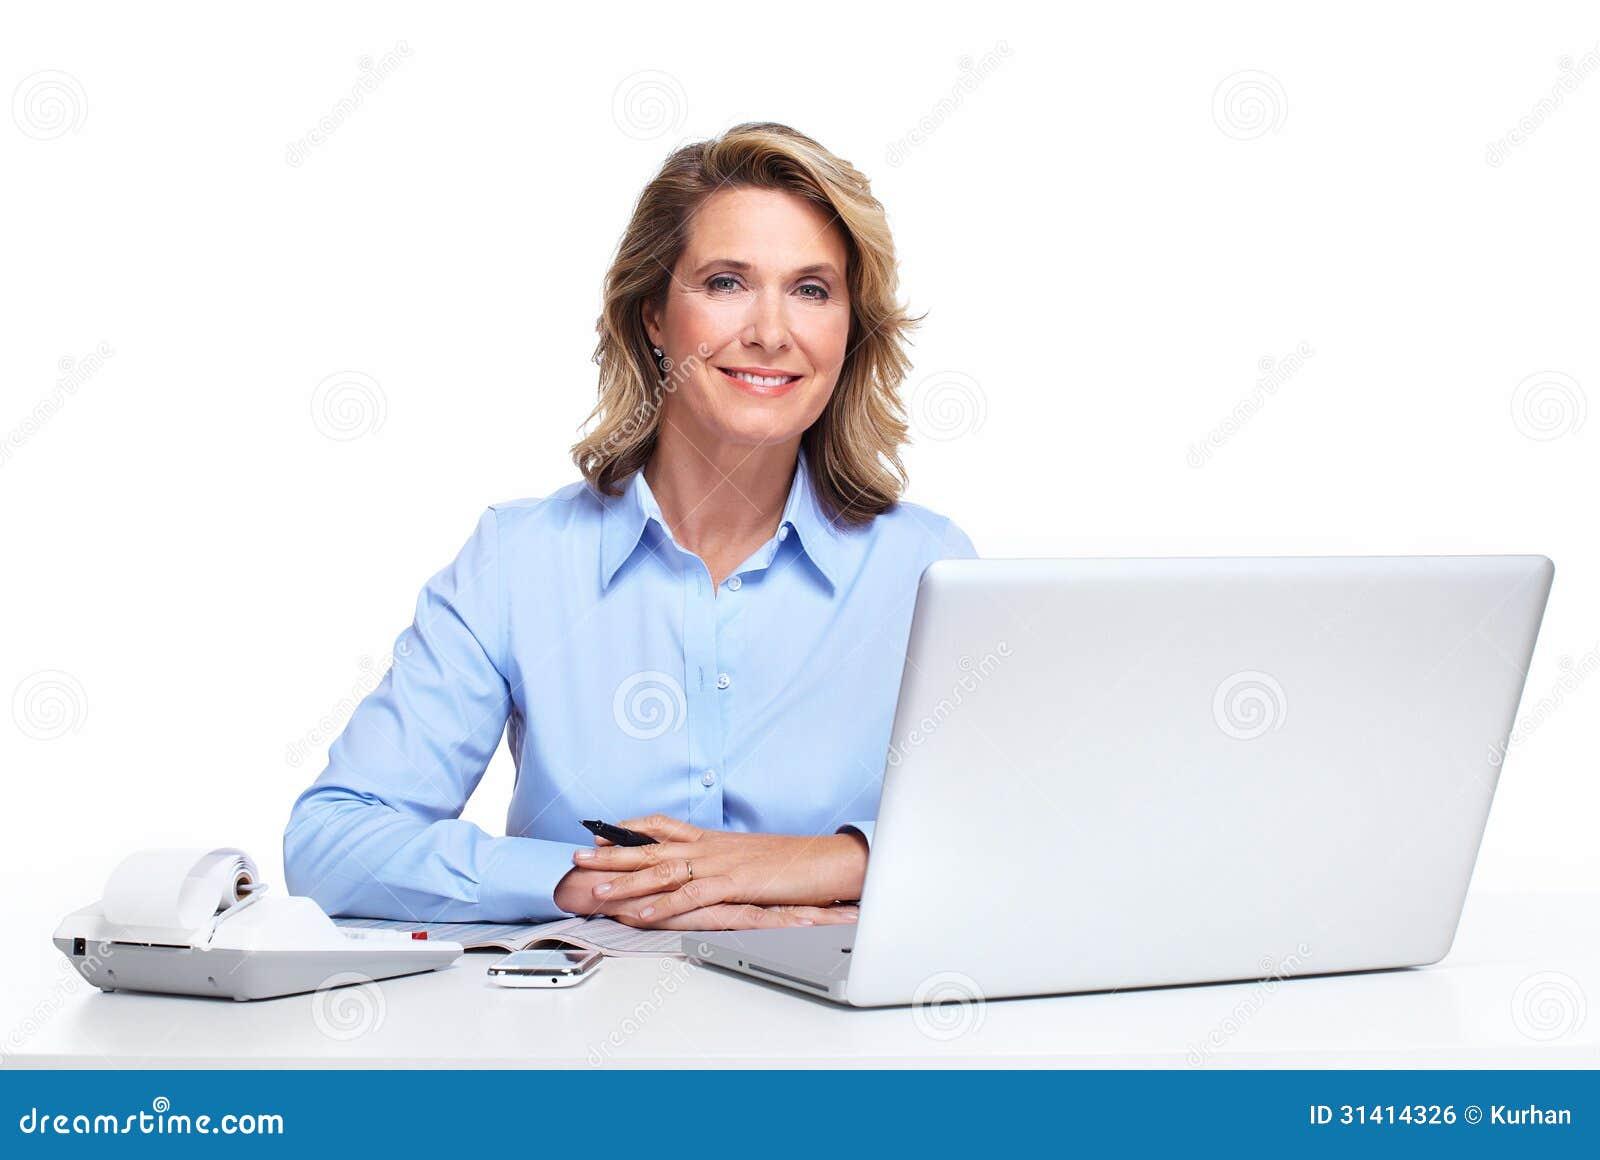 Donna di affari con un computer portatile.